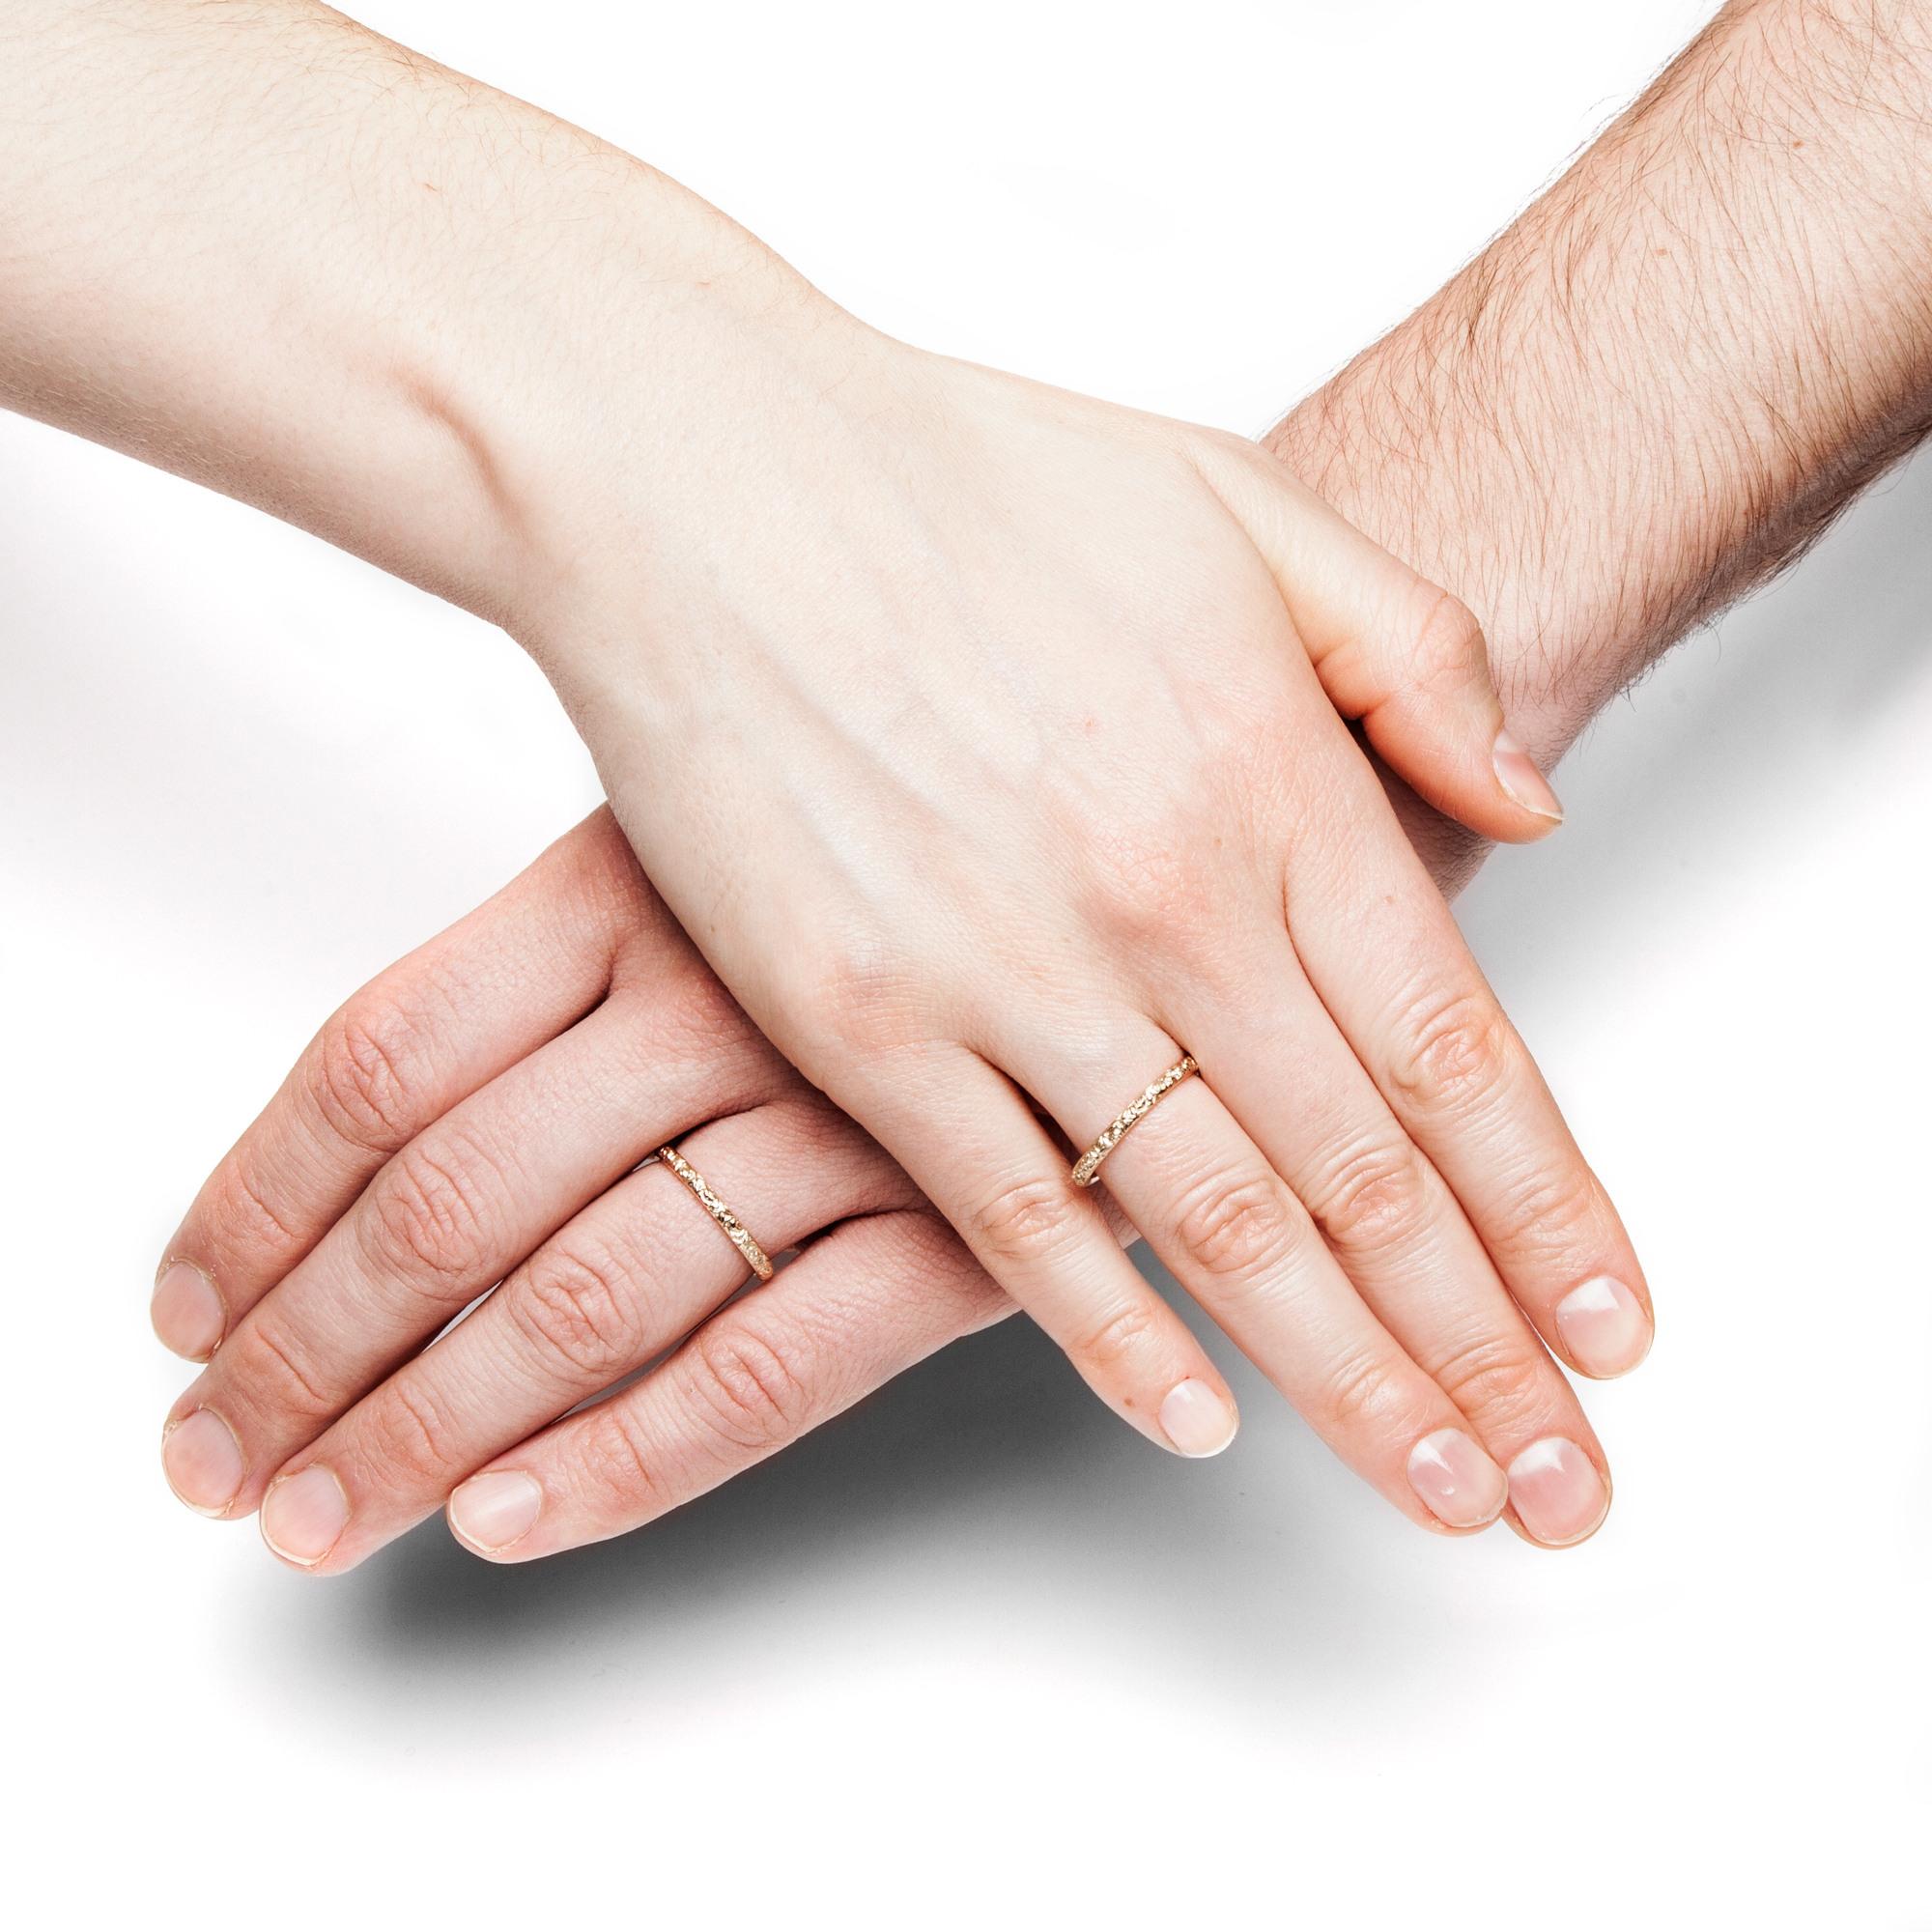 Ehering Finger Österreich. 💄 Darum Wird Der Ehering Auf Dem